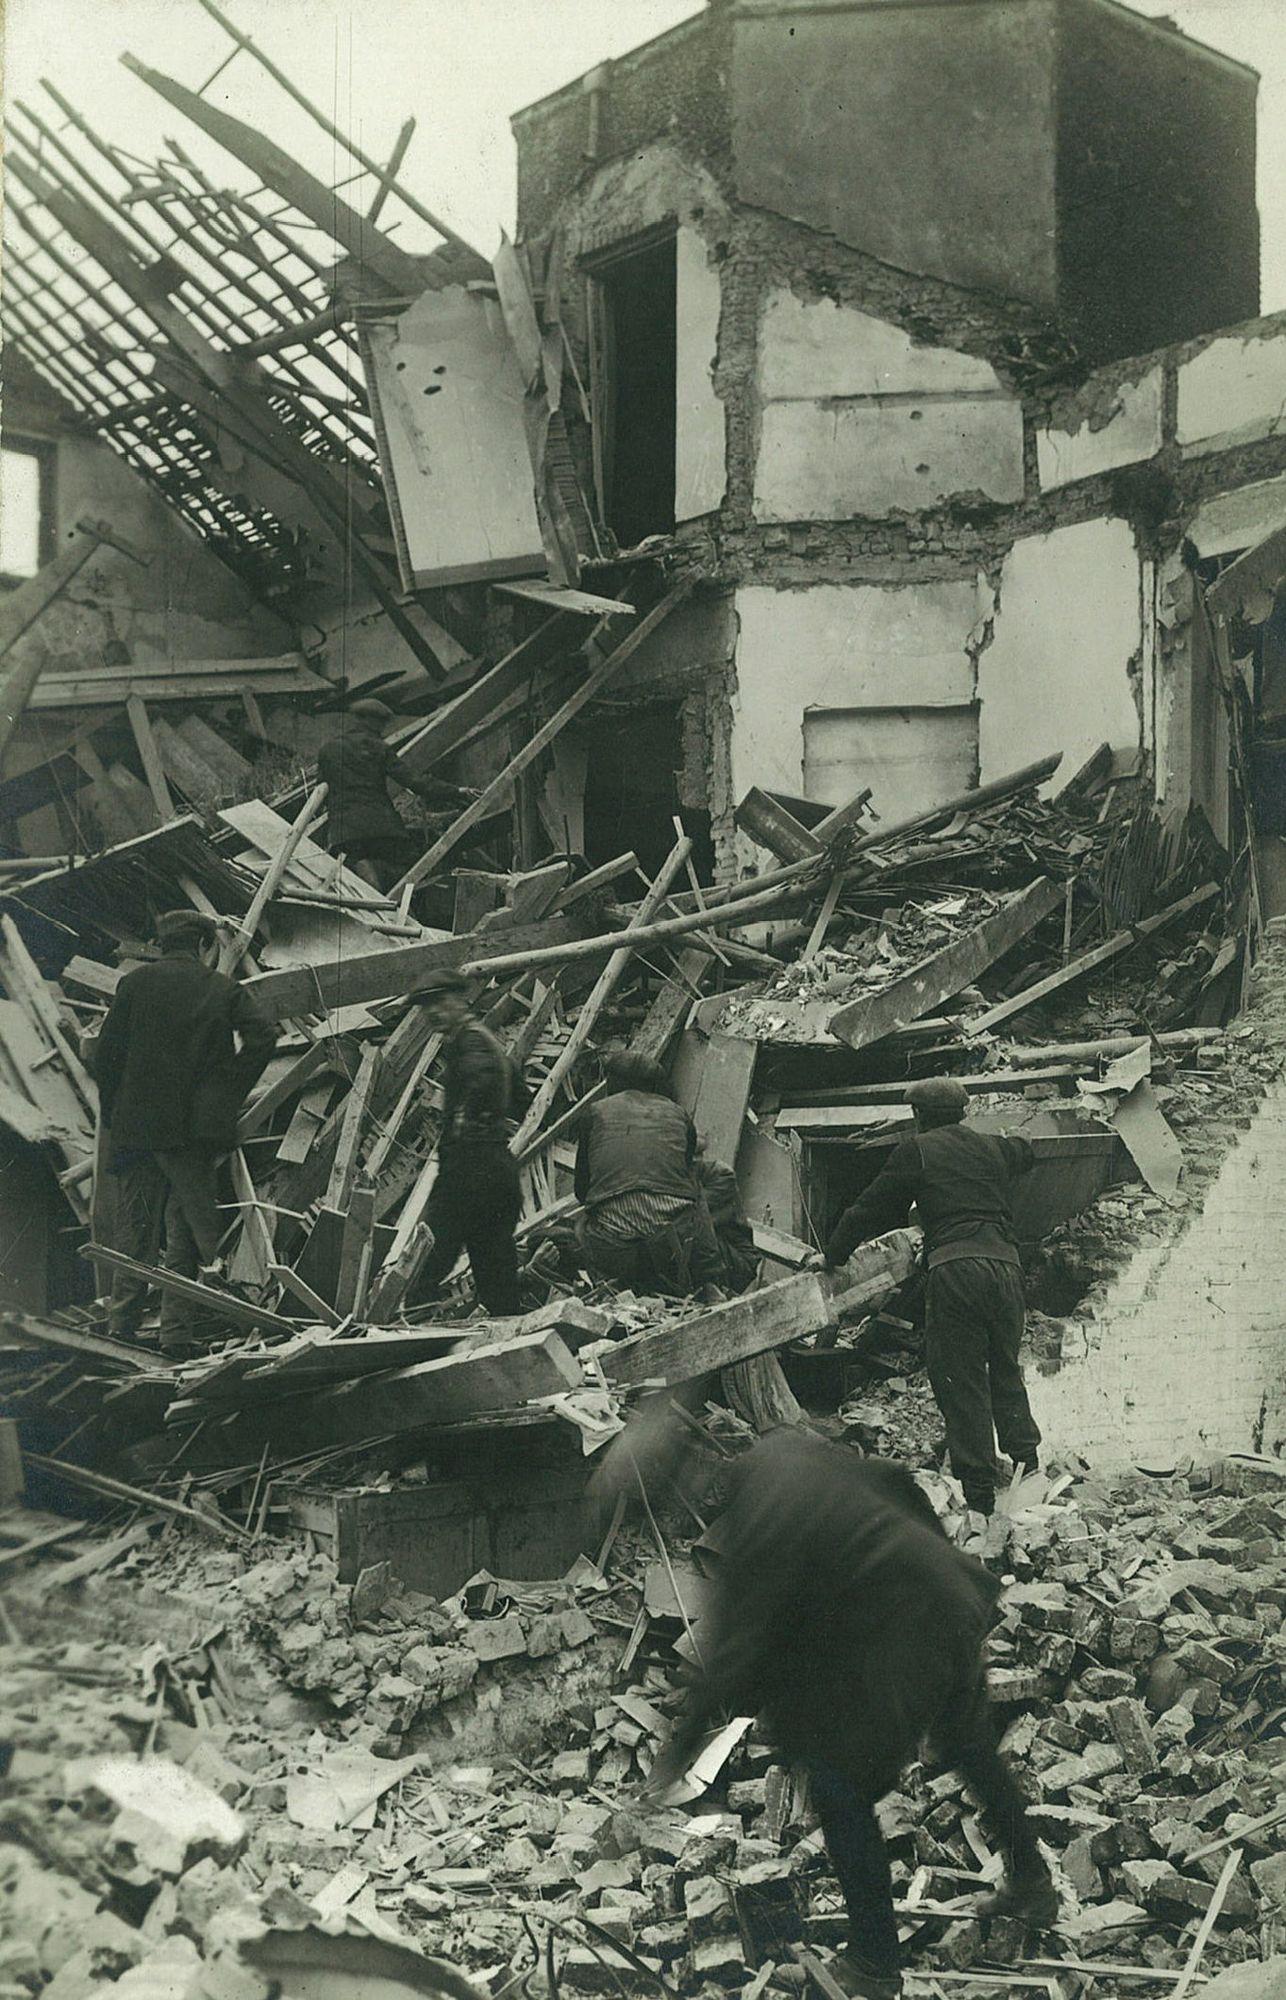 Albums Ghyoot 4_067 Aalbeeksesteenweg bombardement 05.07.1918 WO I